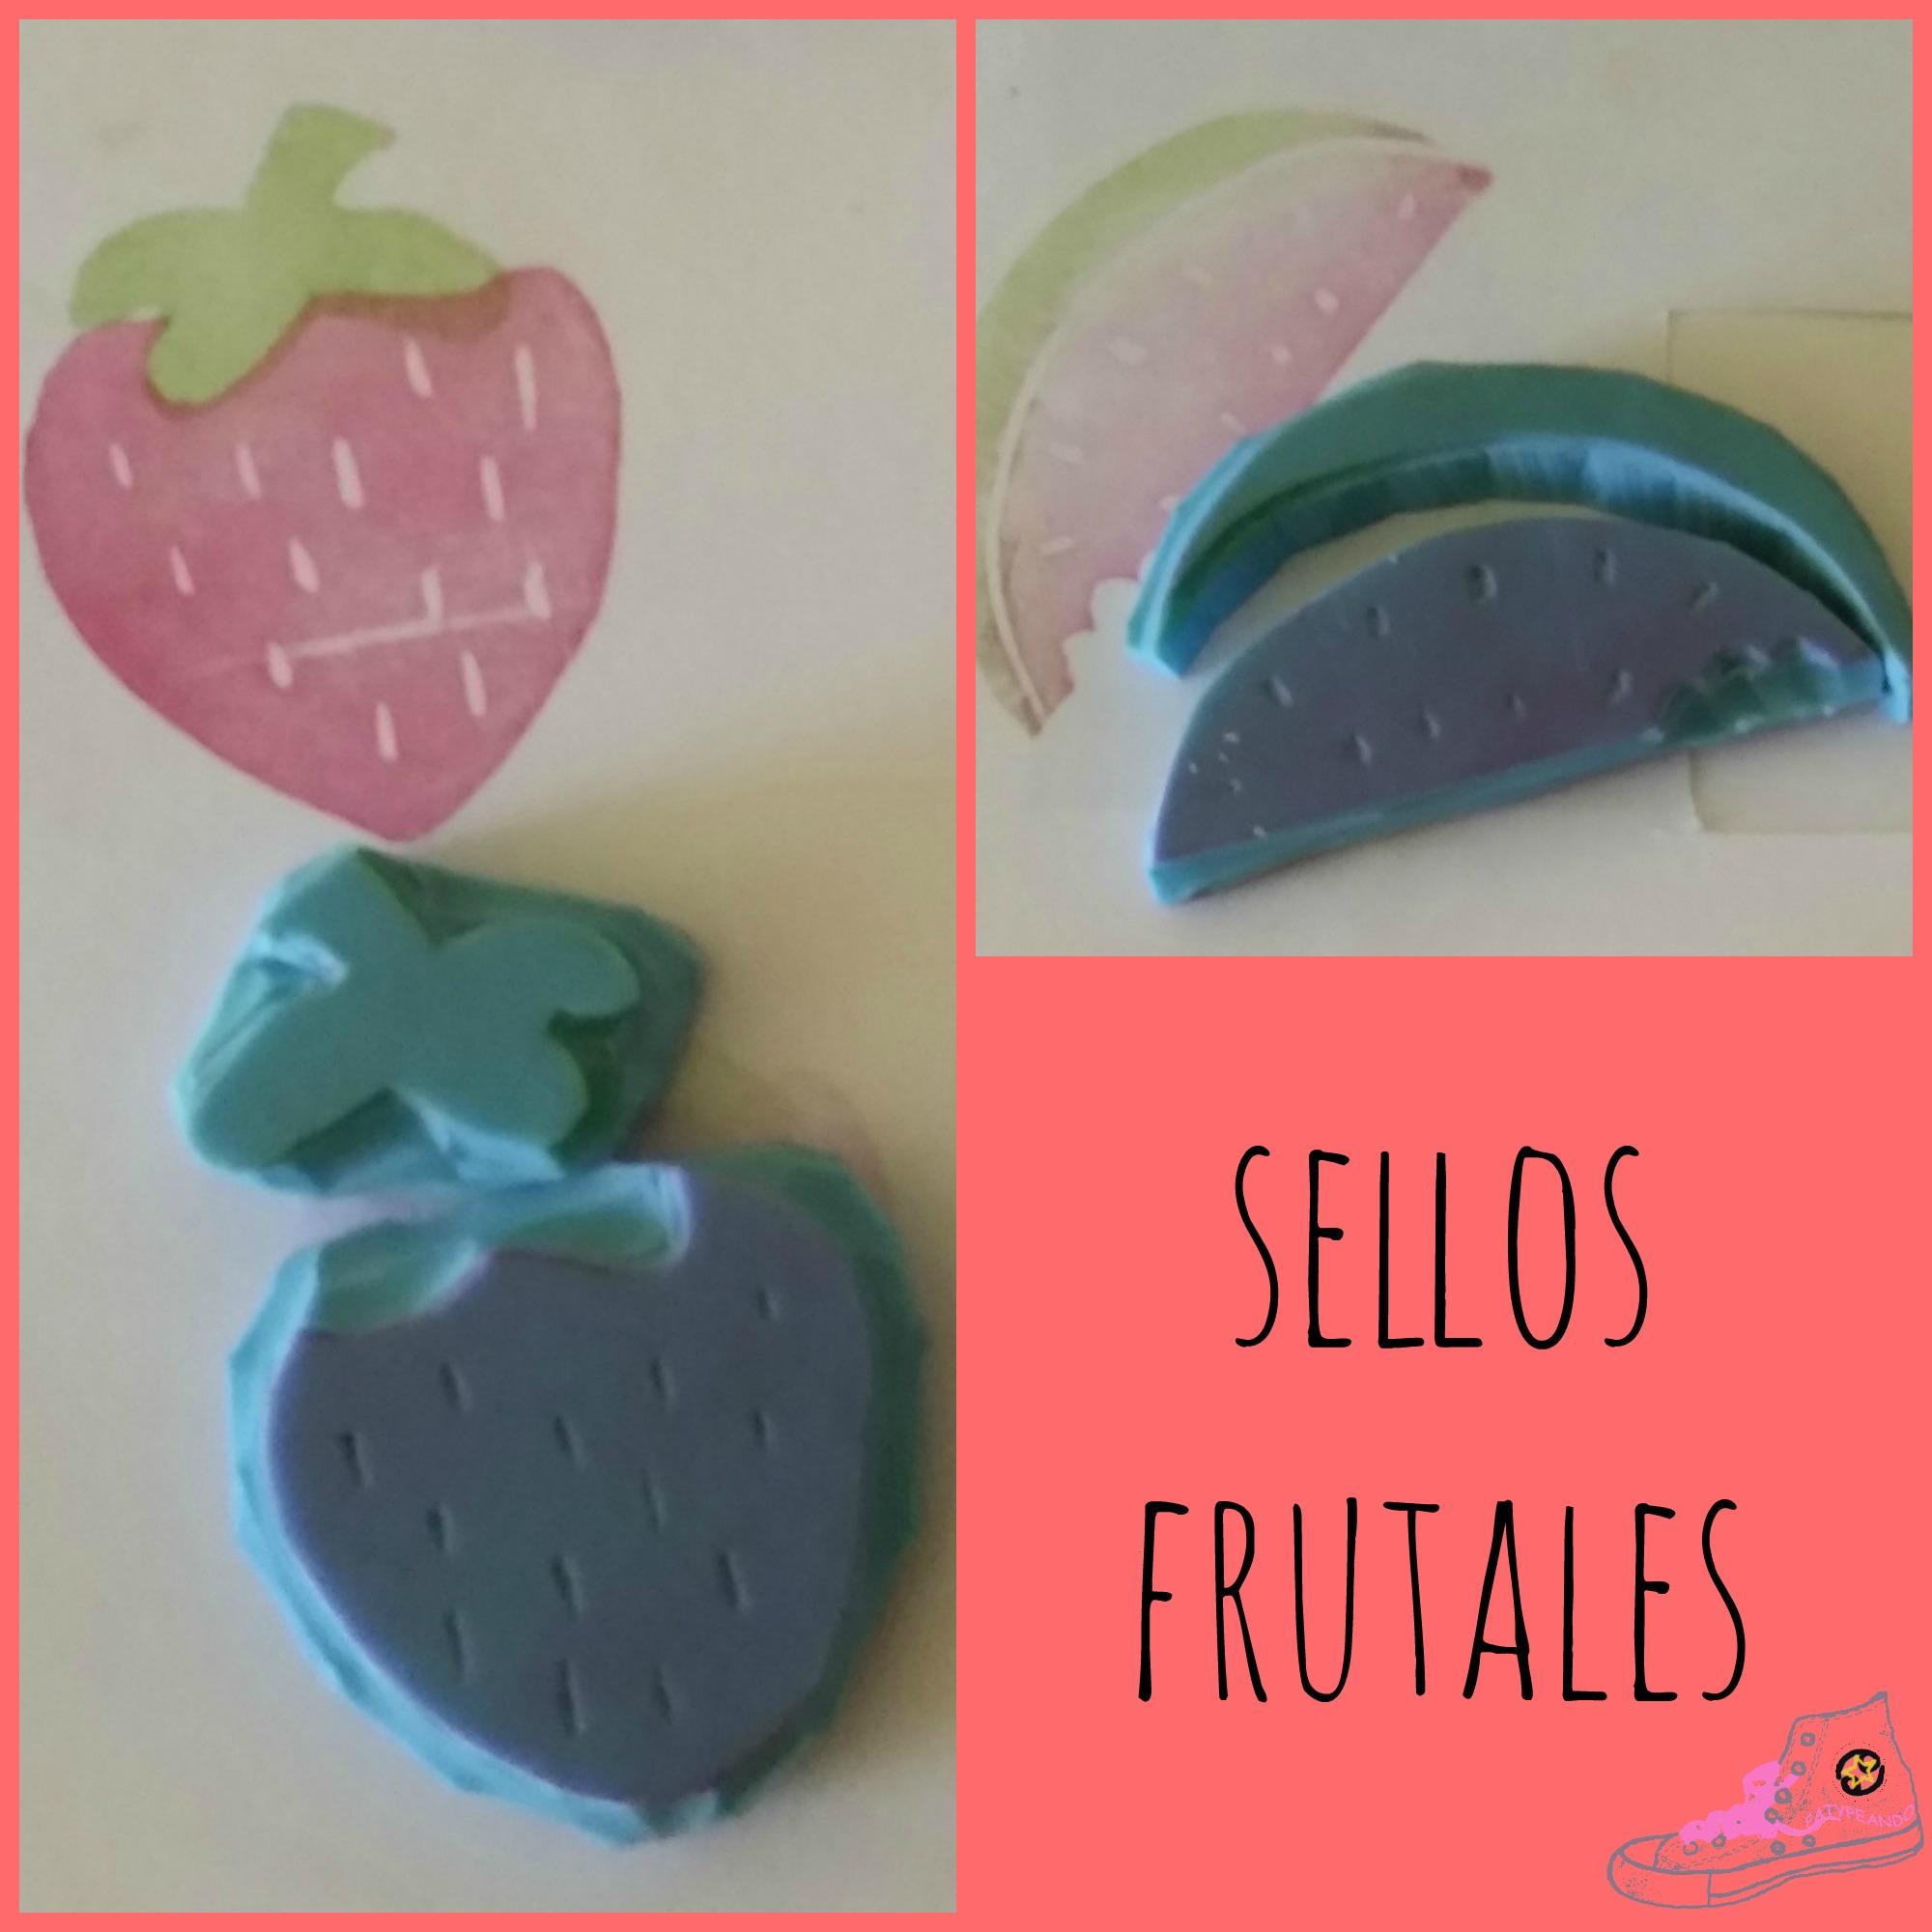 sellos frutales